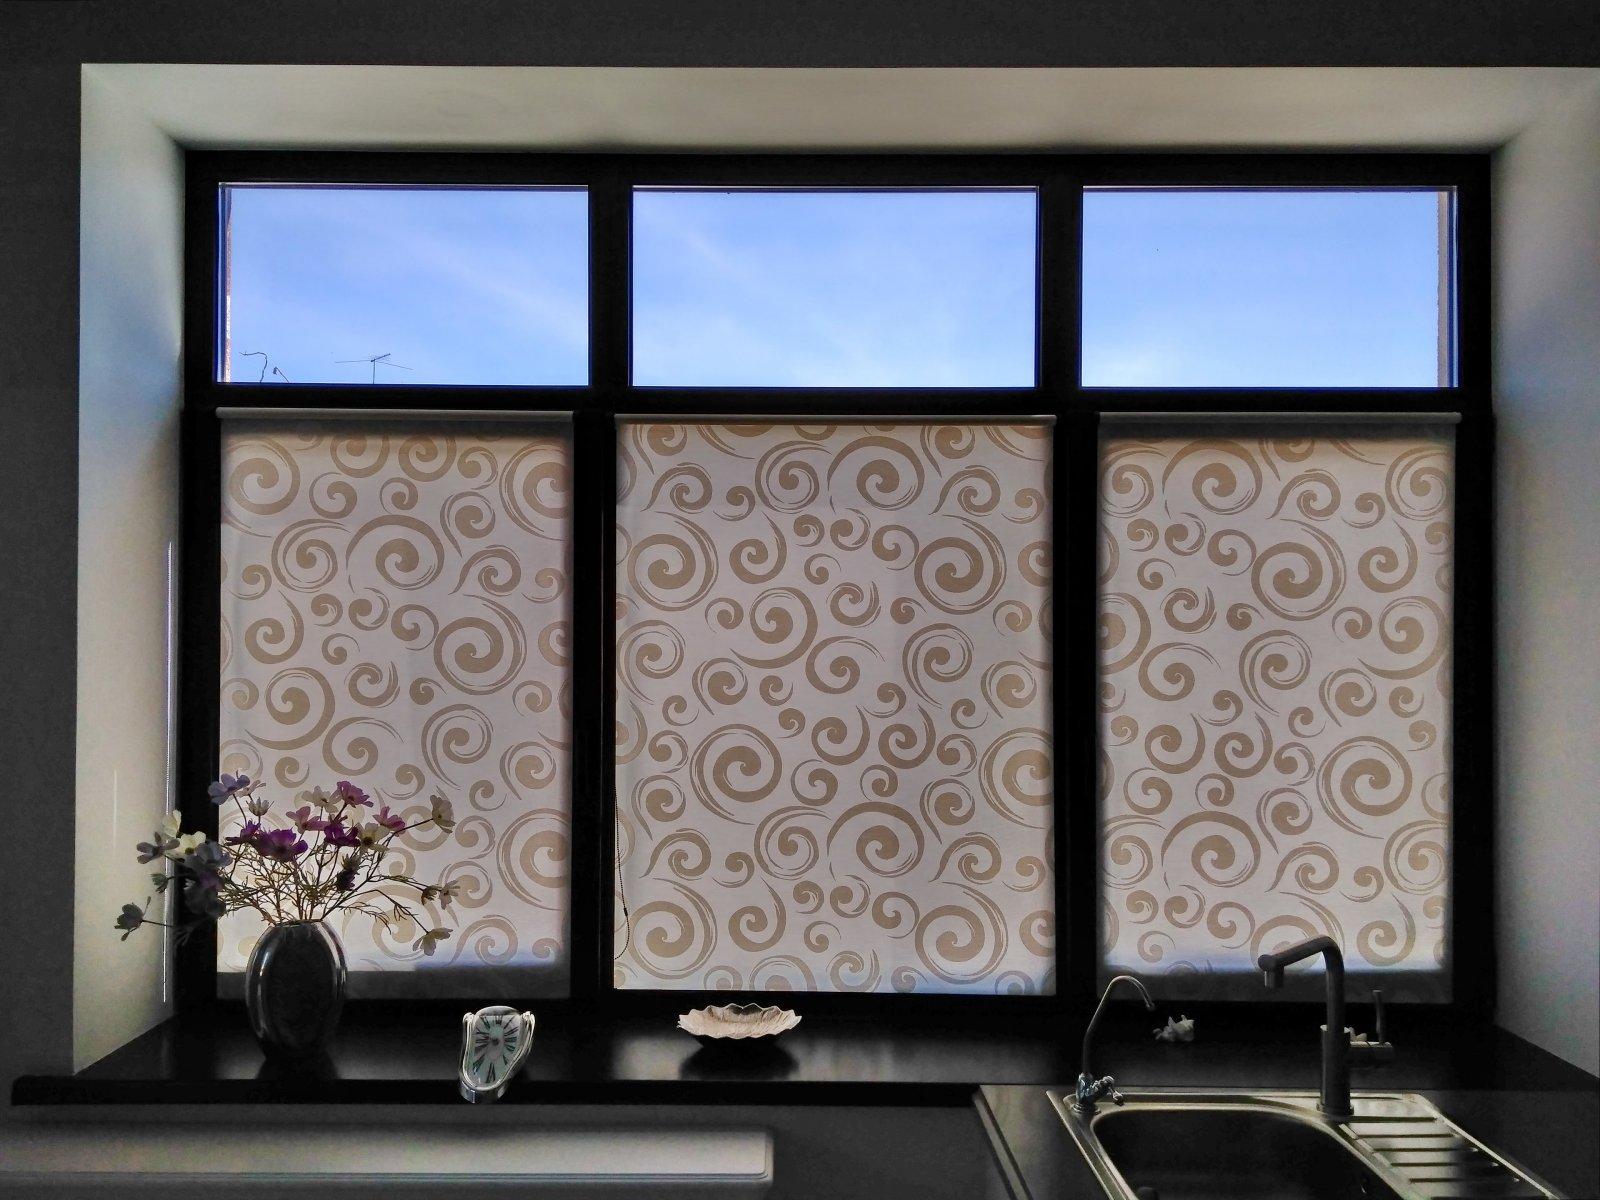 Жалюзи «день-ночь» (58 фото): выбираем зебру на пластиковые окна с цветочным орнаментом, идеи в интерьере, установка и отзывы